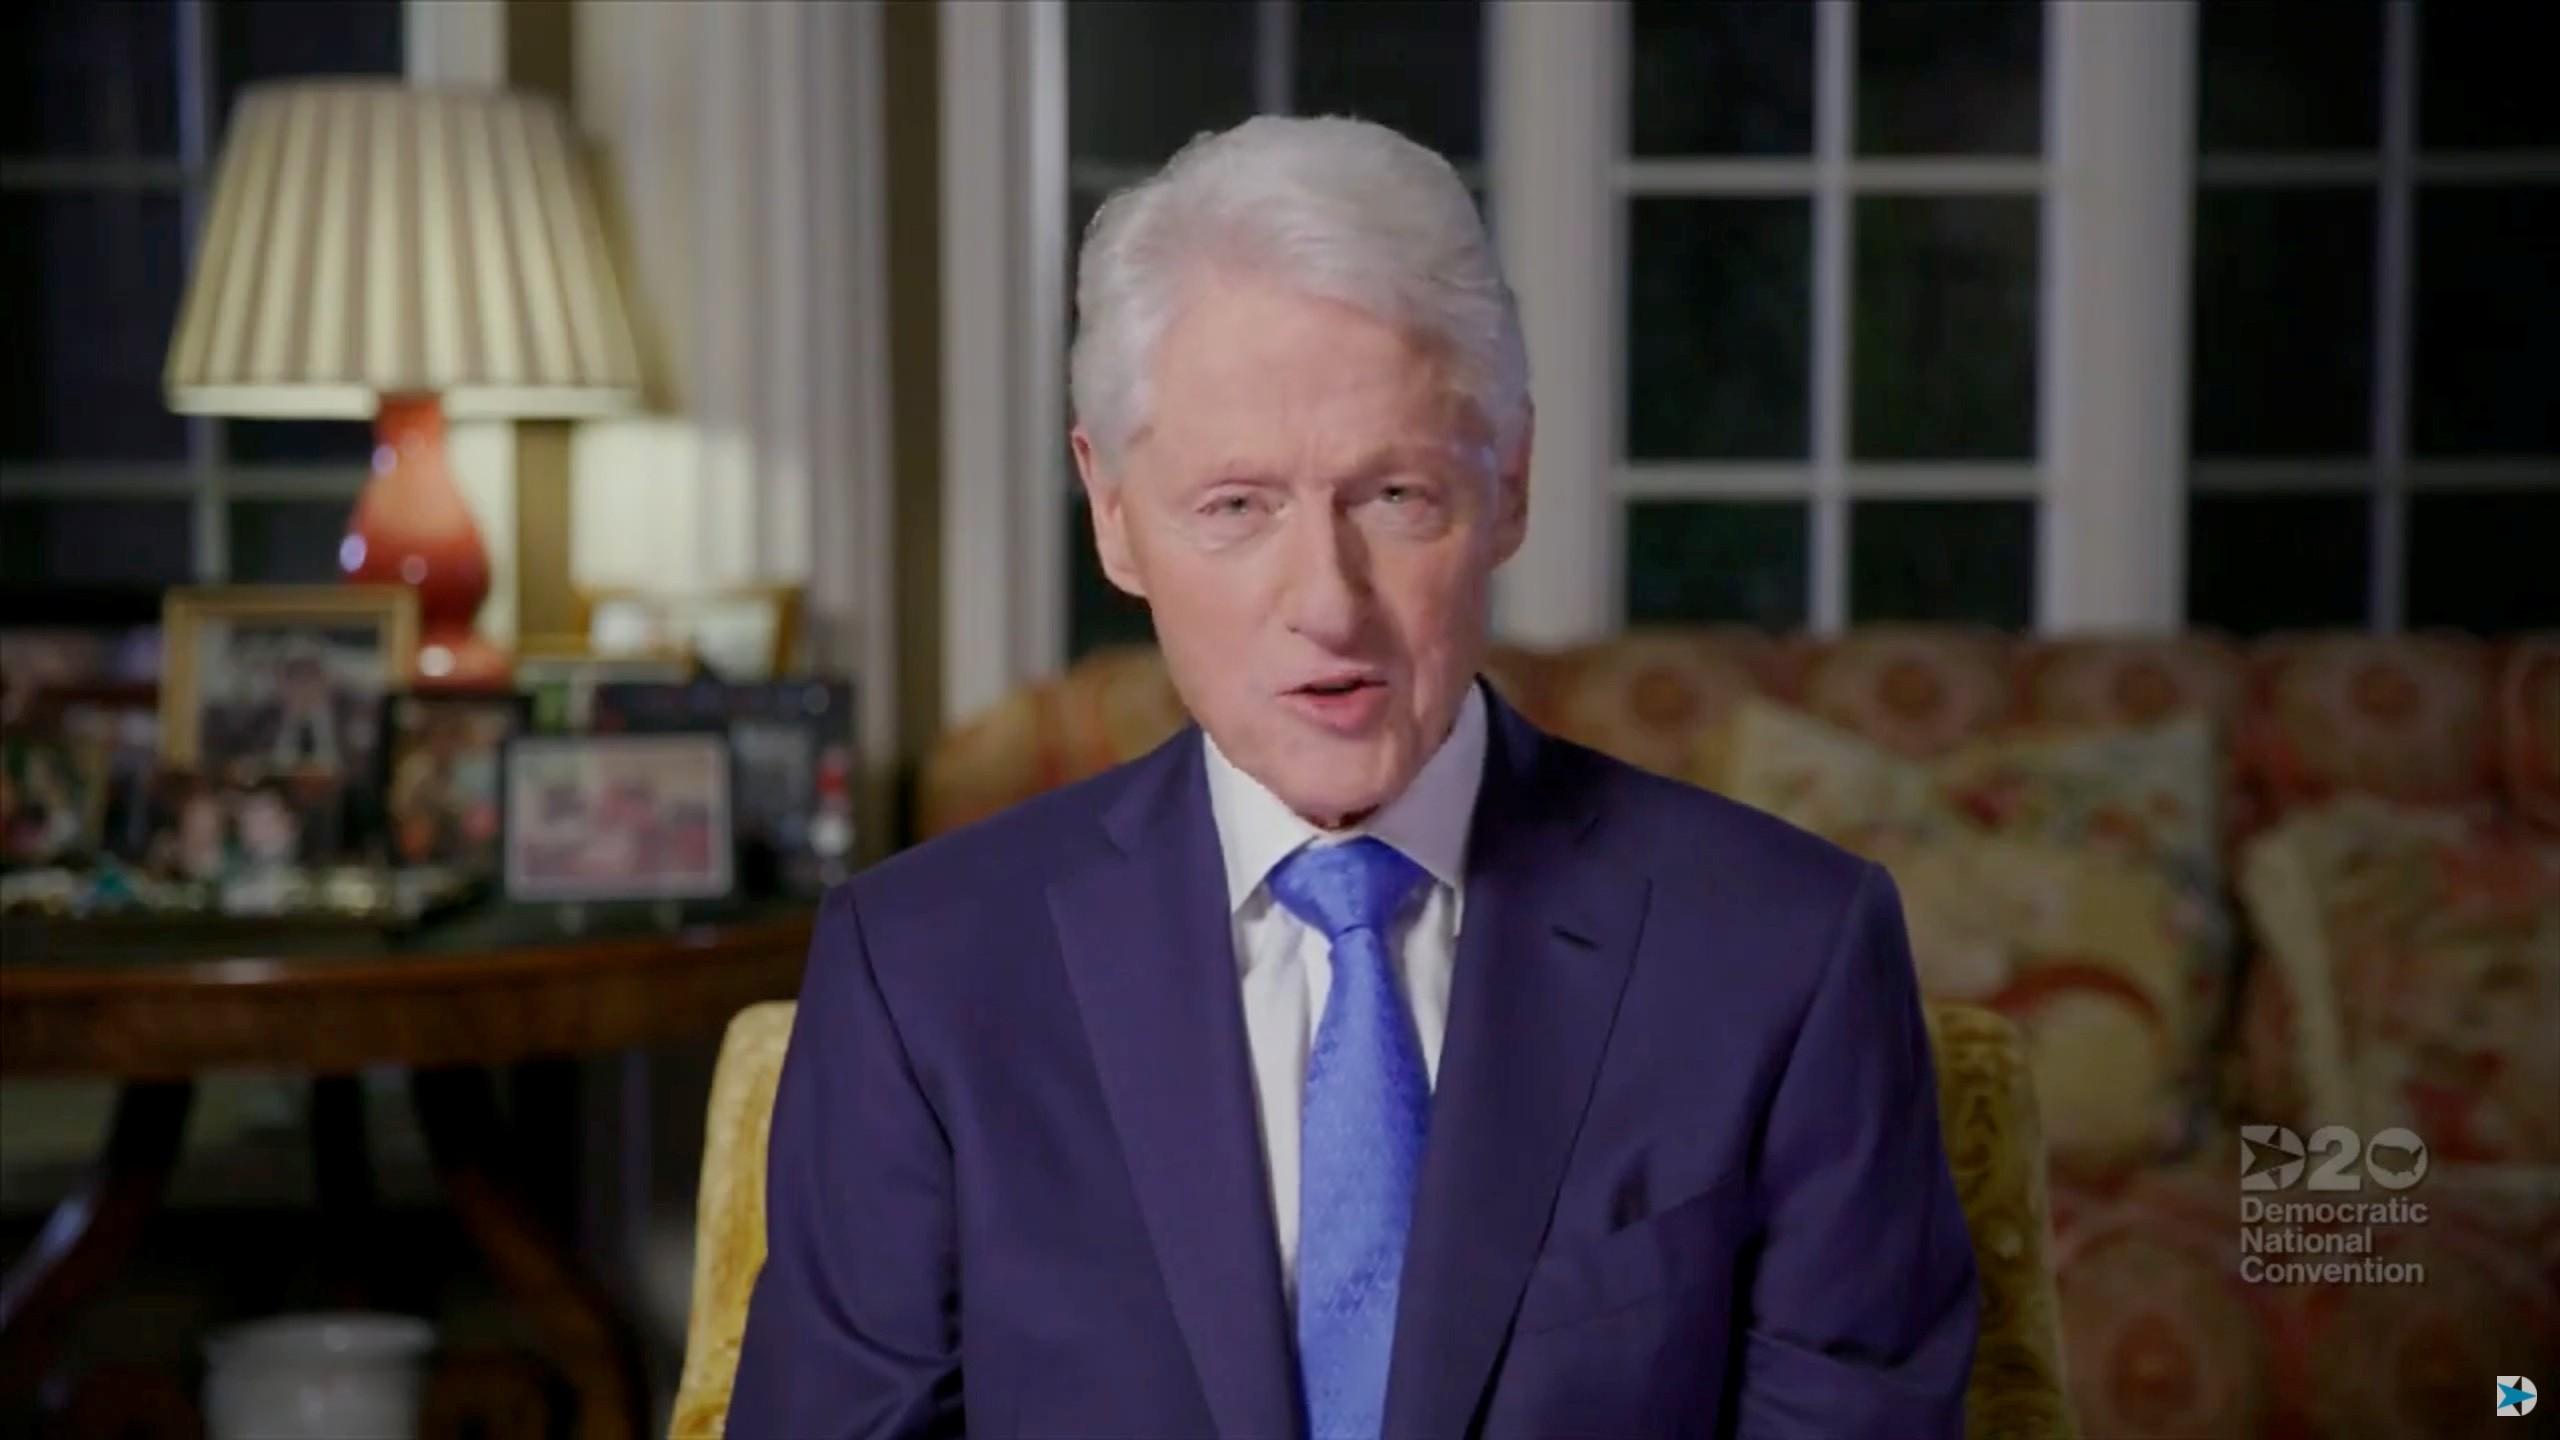 Ex-presidente dos EUA Bill Clinton tem melhora após internação por conta de uma infecção, diz porta-voz